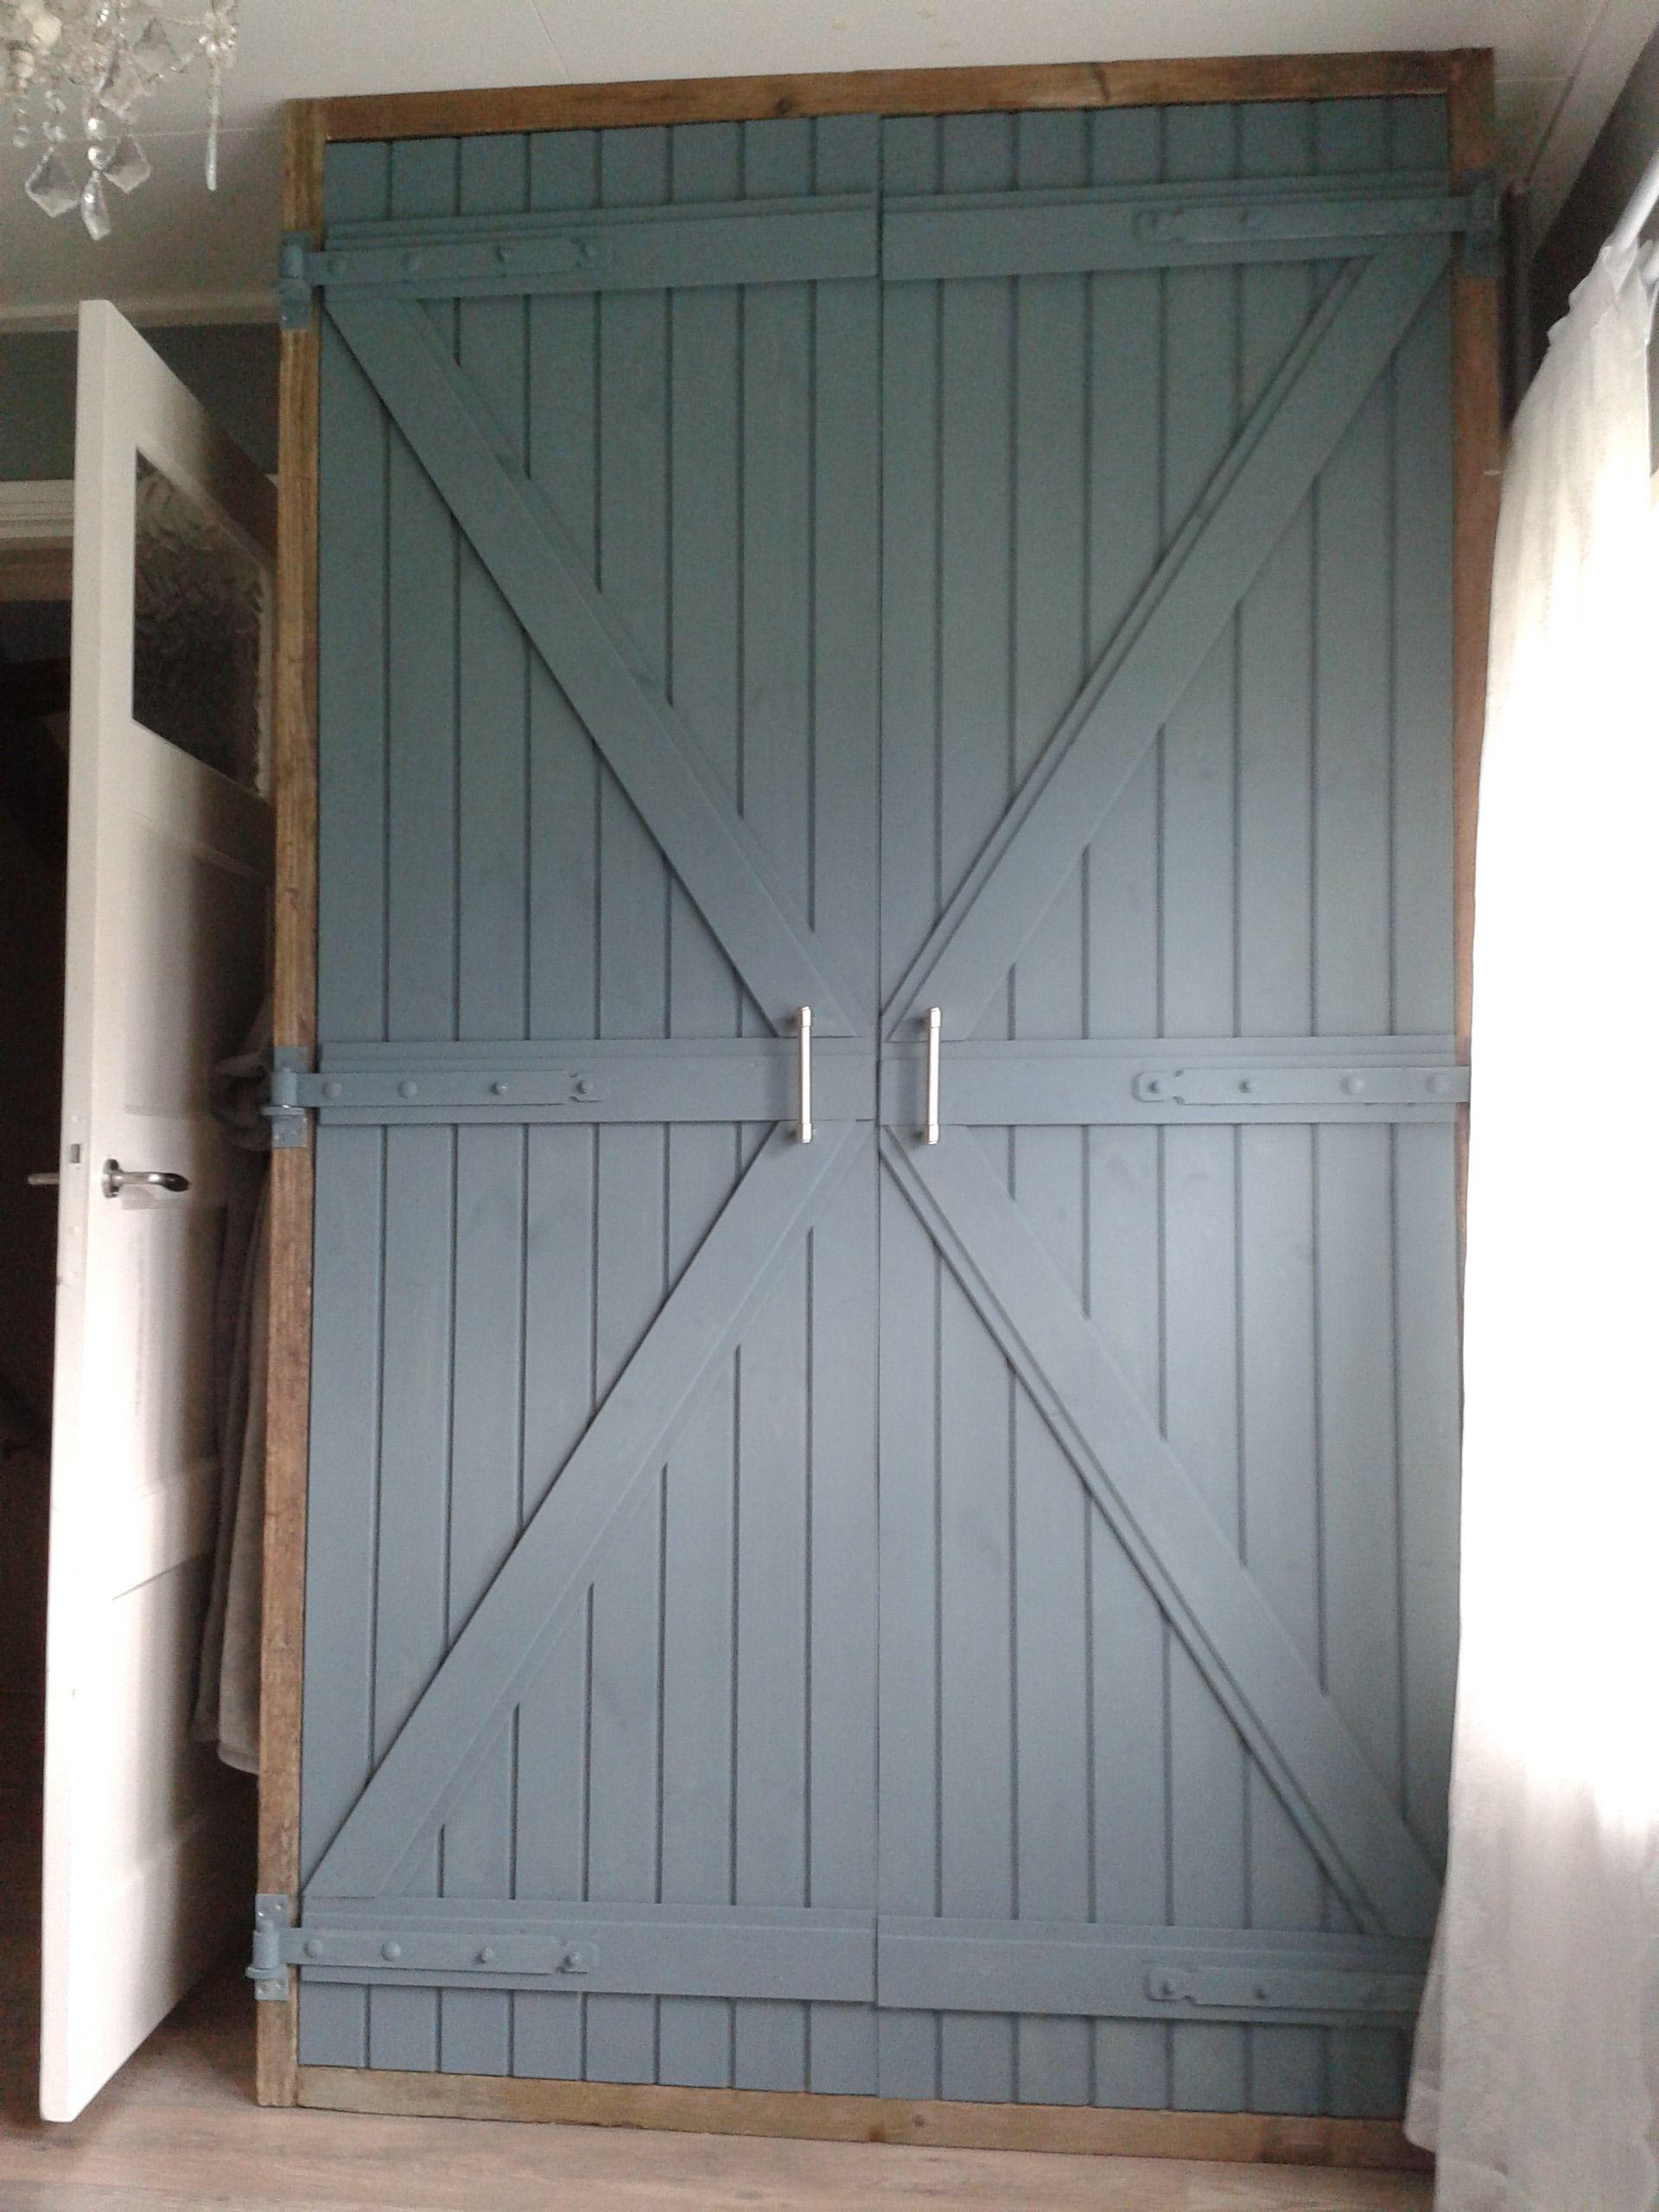 Zelfgemaakte kledingkast van steigerhout. De deuren zijn